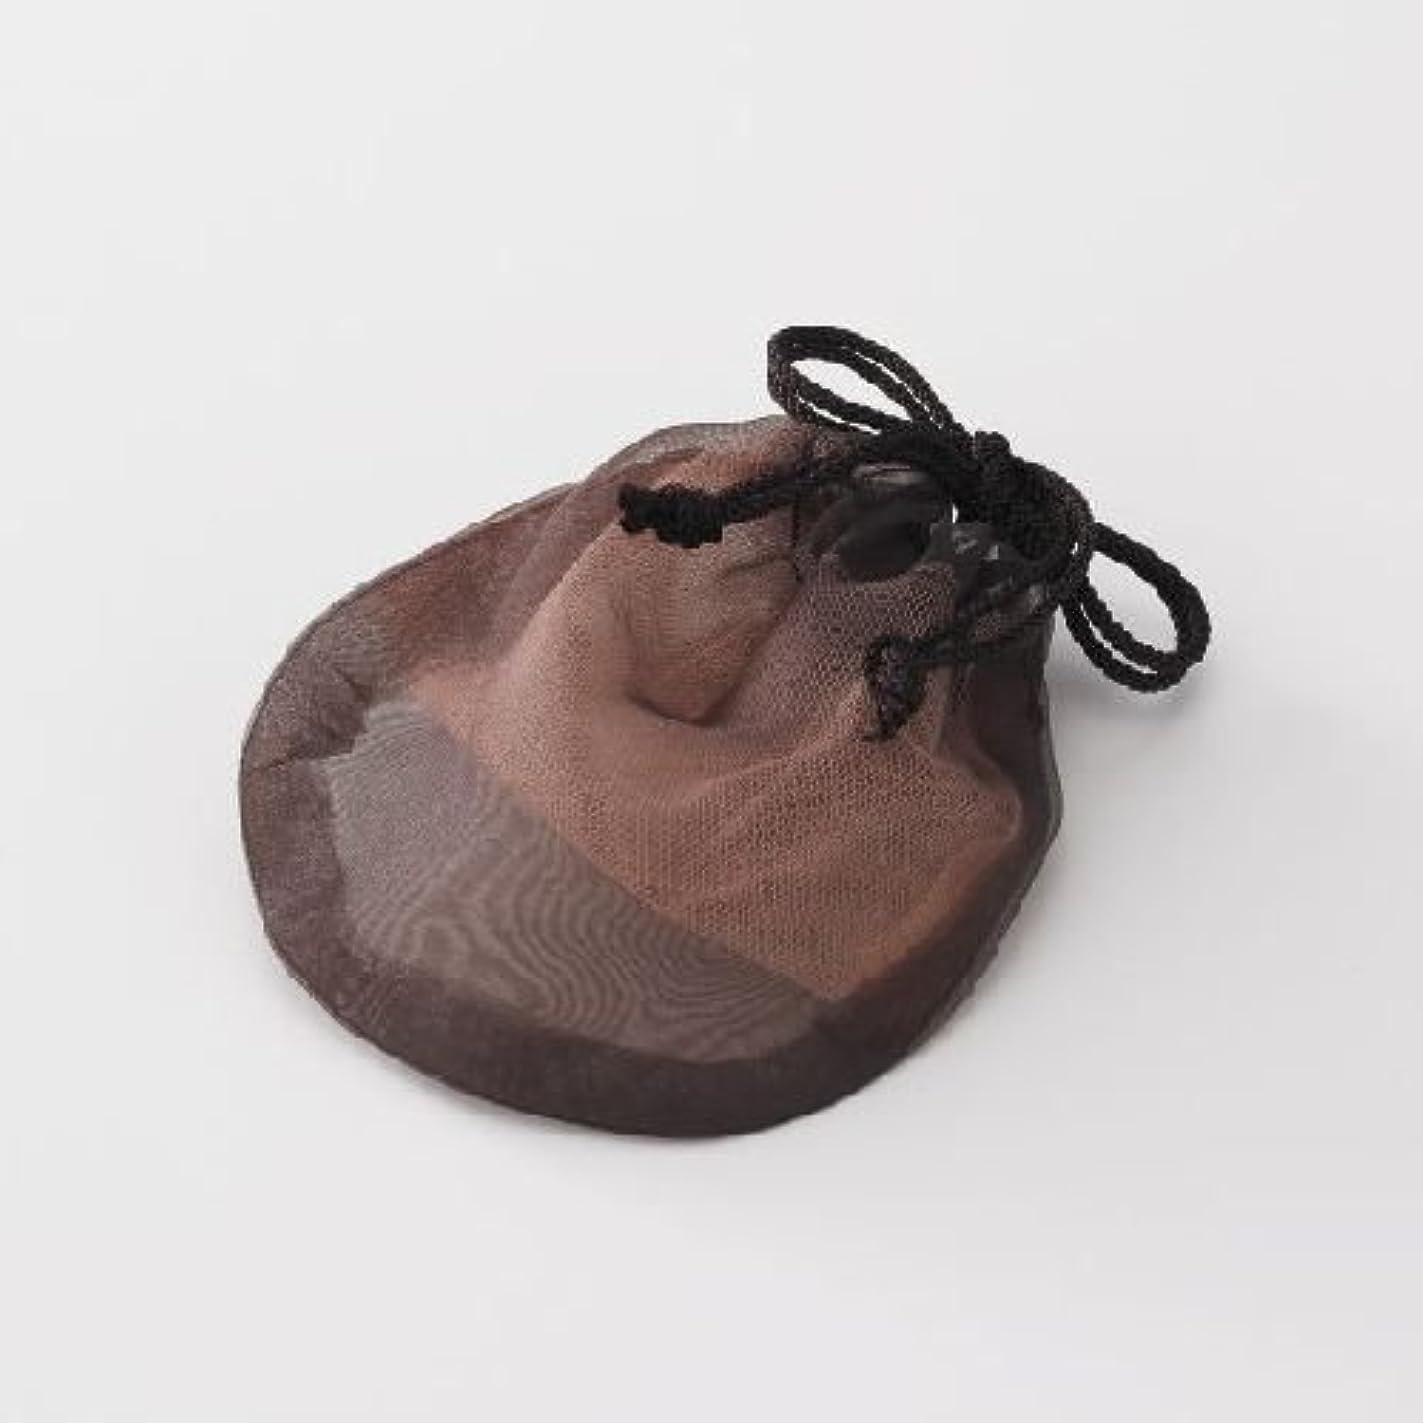 聴覚宮殿おもしろいピギーバックス ソープネット 瞬時にマシュマロのようなお肌に負担をかけないキメ細かな泡をつくることができるオシャレなポーチ型オリジナル【泡だてネット】!衛生的に固形石鹸の保存もできます。